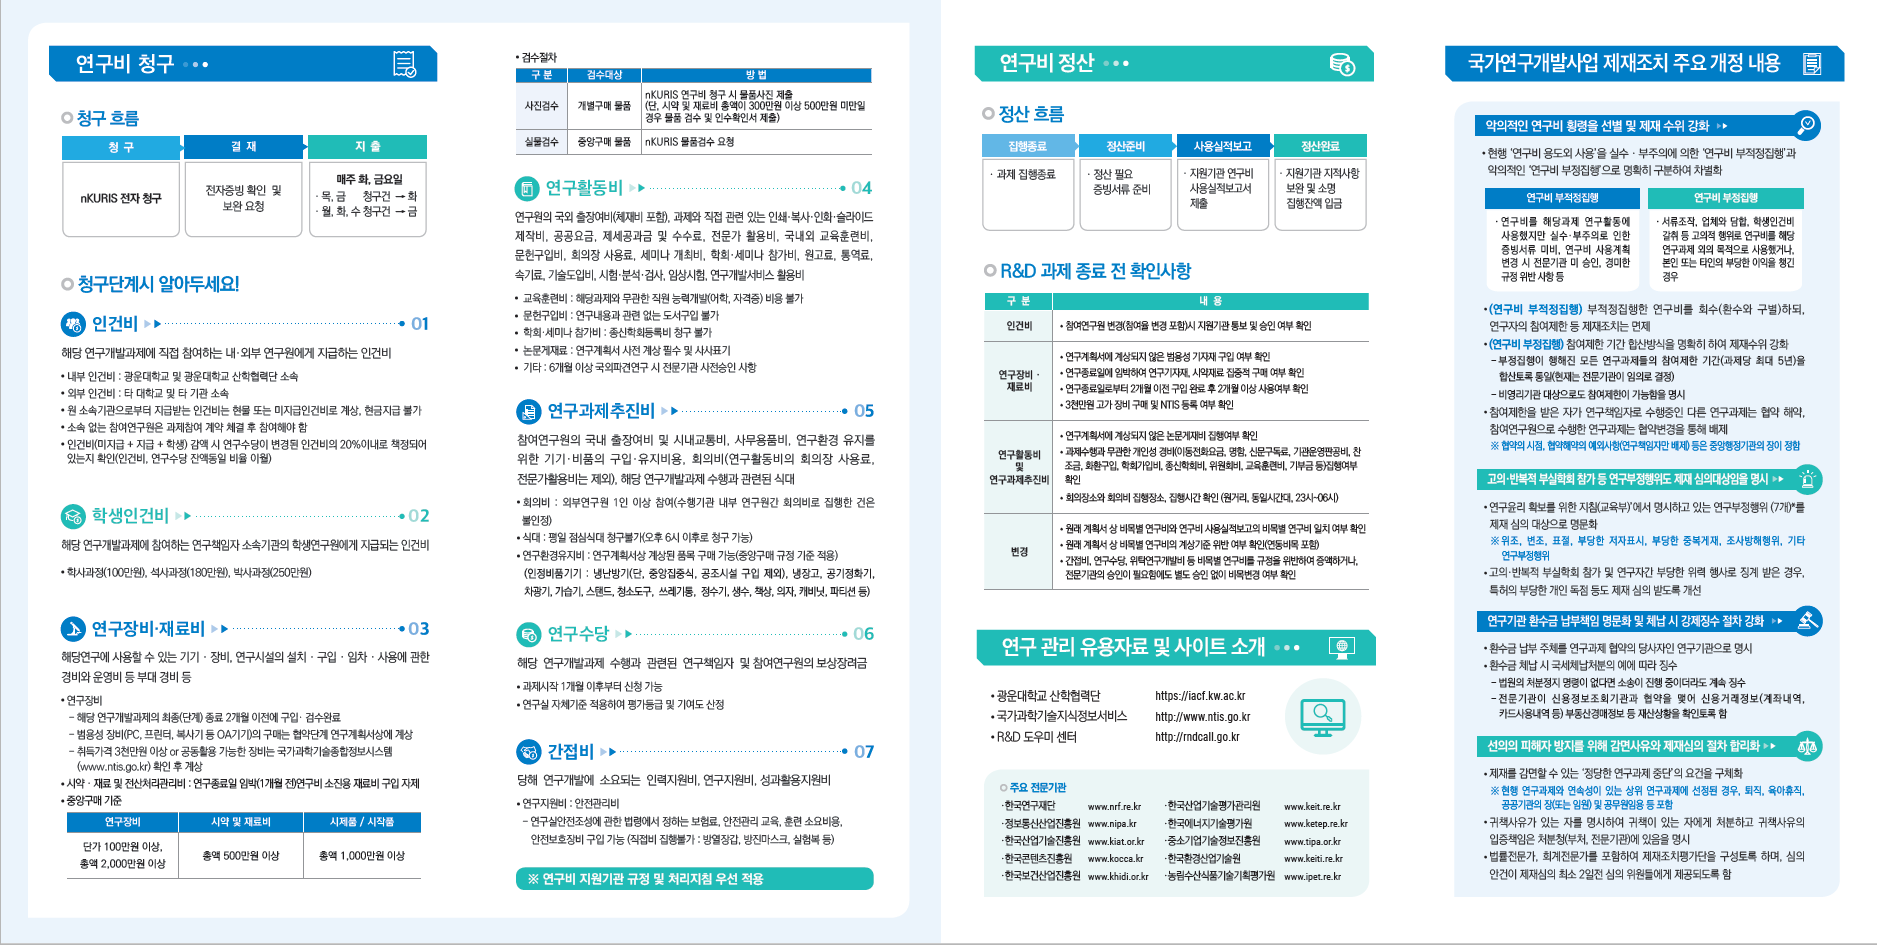 광운대학교-연구관리 Tip_리플릿_최종_페이지_2.PNG